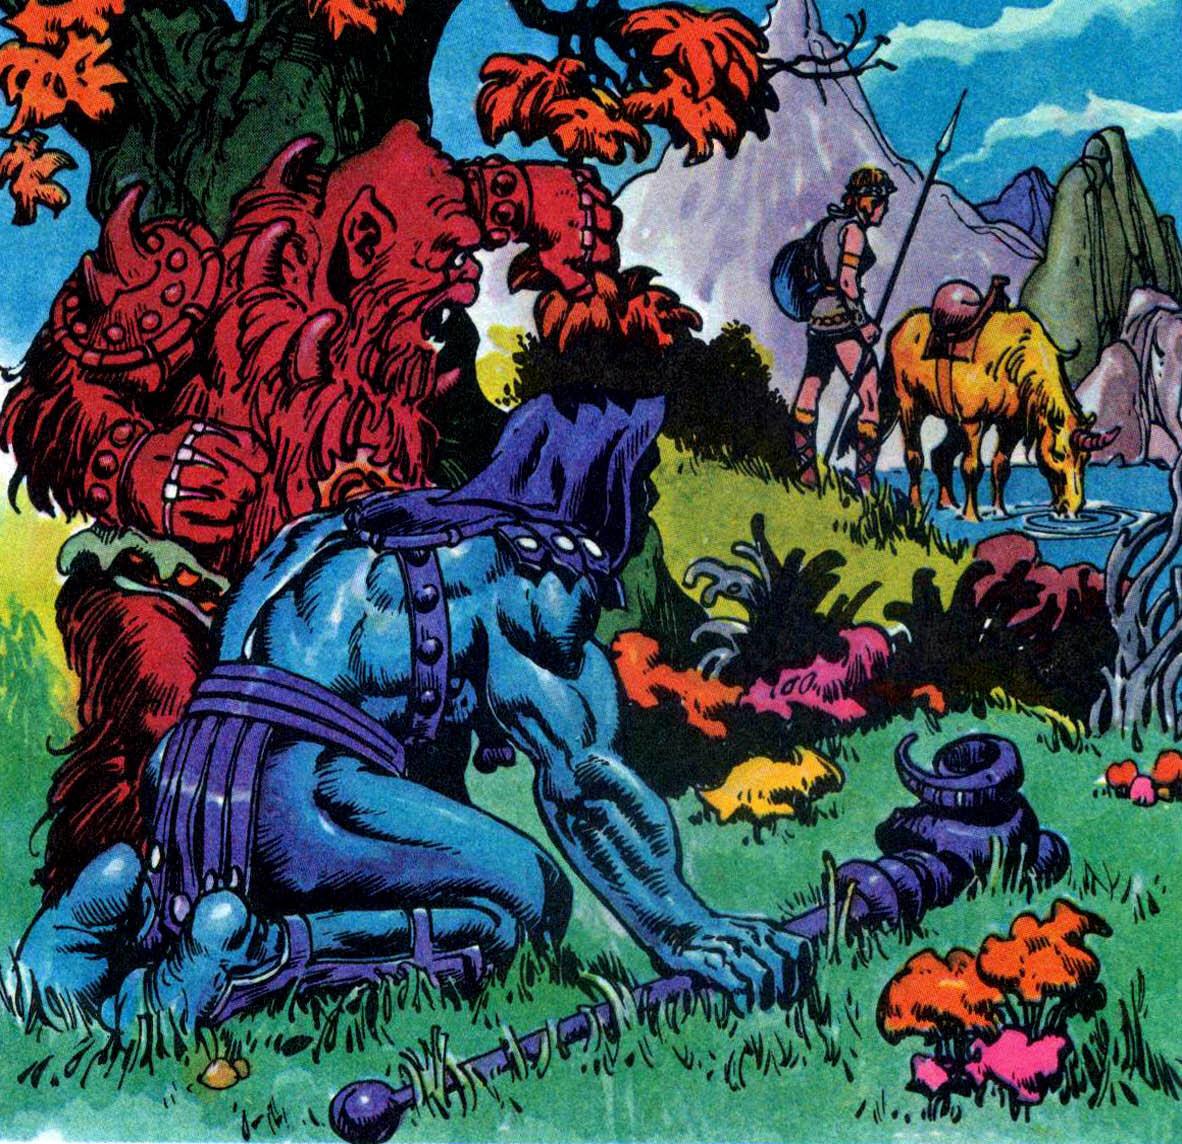 Beastman Vs Skeletor